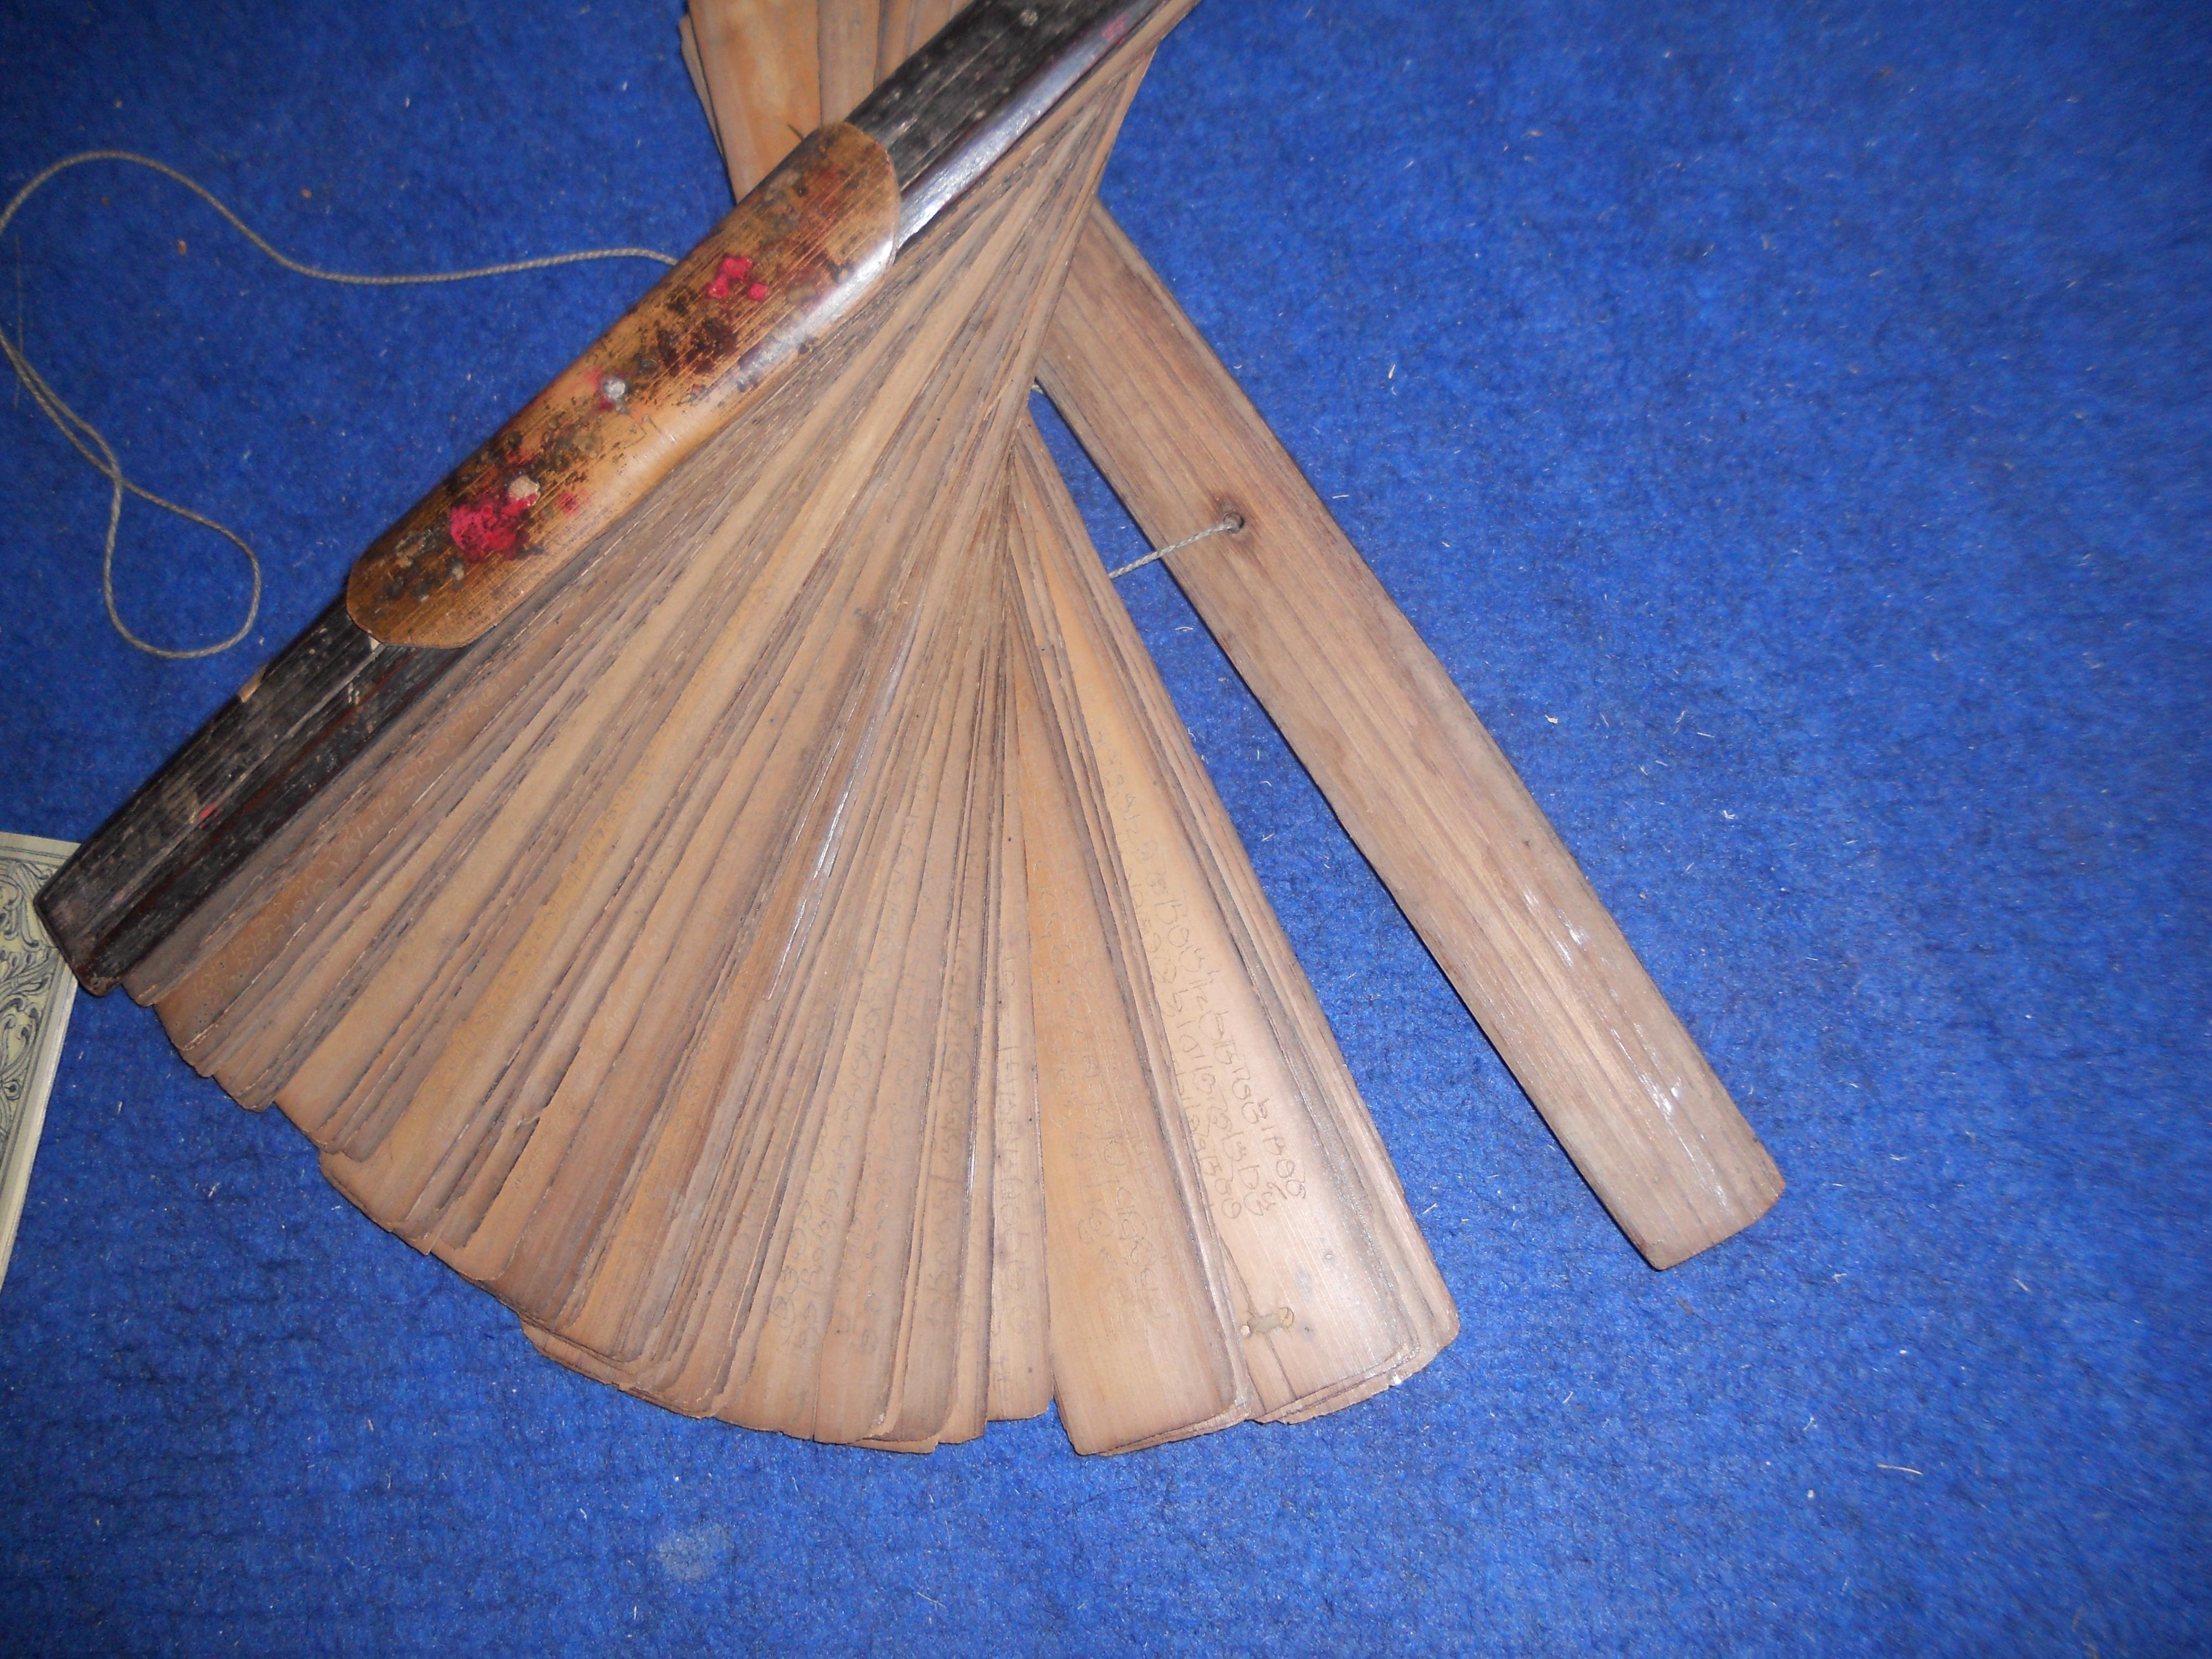 Palm-leaf manuscript - Wikipedia